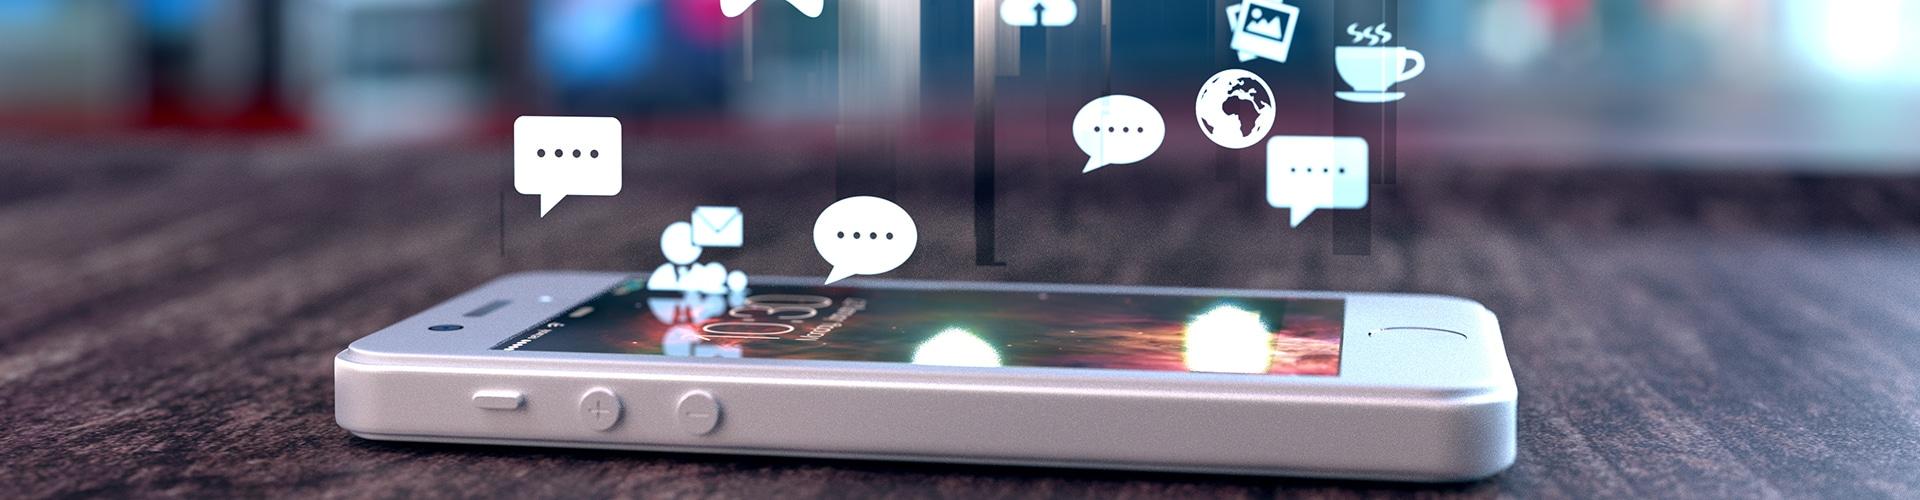 Negative Kommentare bei Social Media und wie man richtig darauf reagiert.